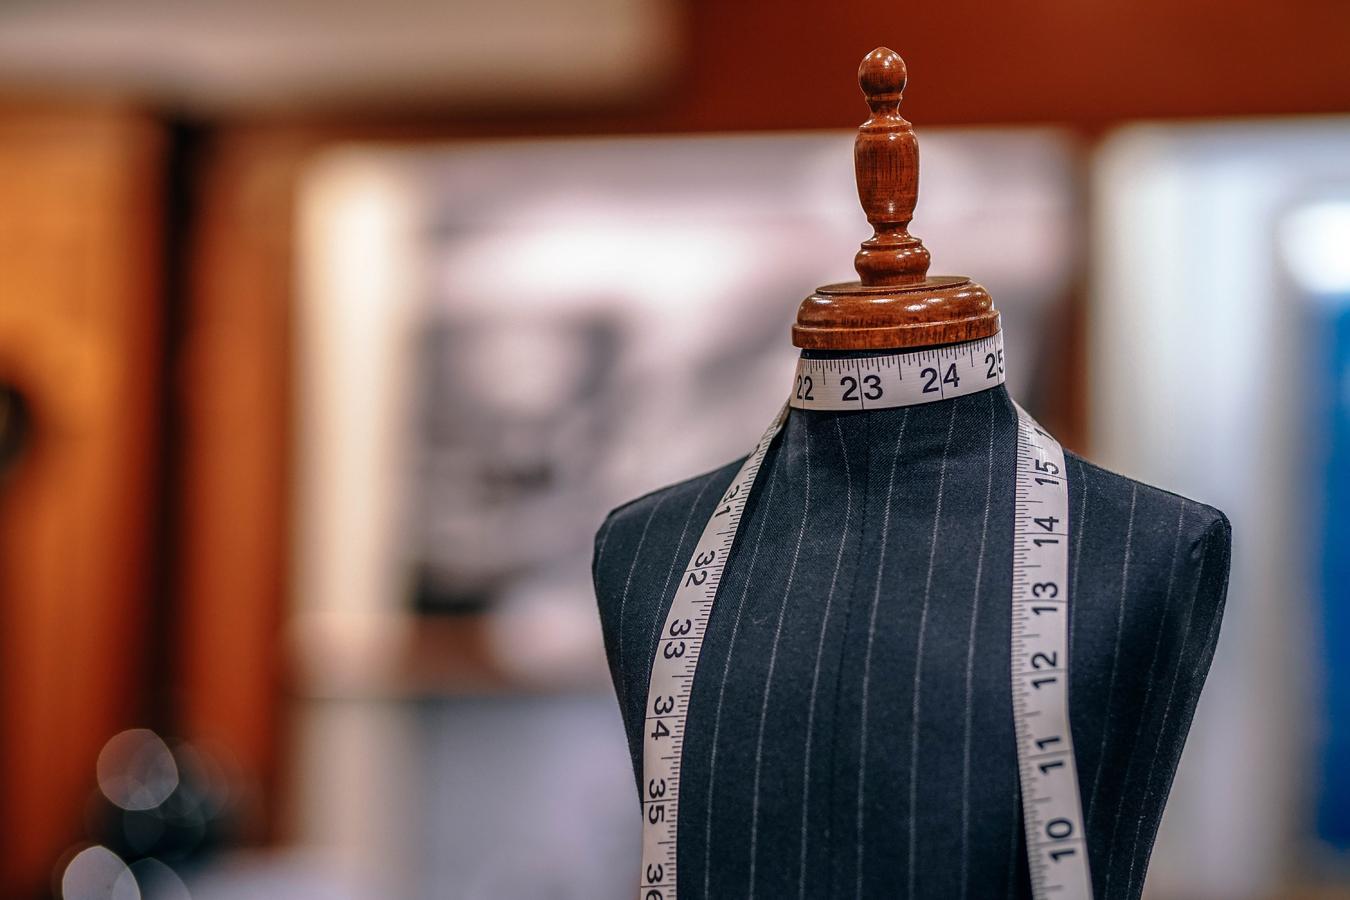 Immagine di un manichino - PROMODA - Gestionale per aziende di produzione abbigliamento